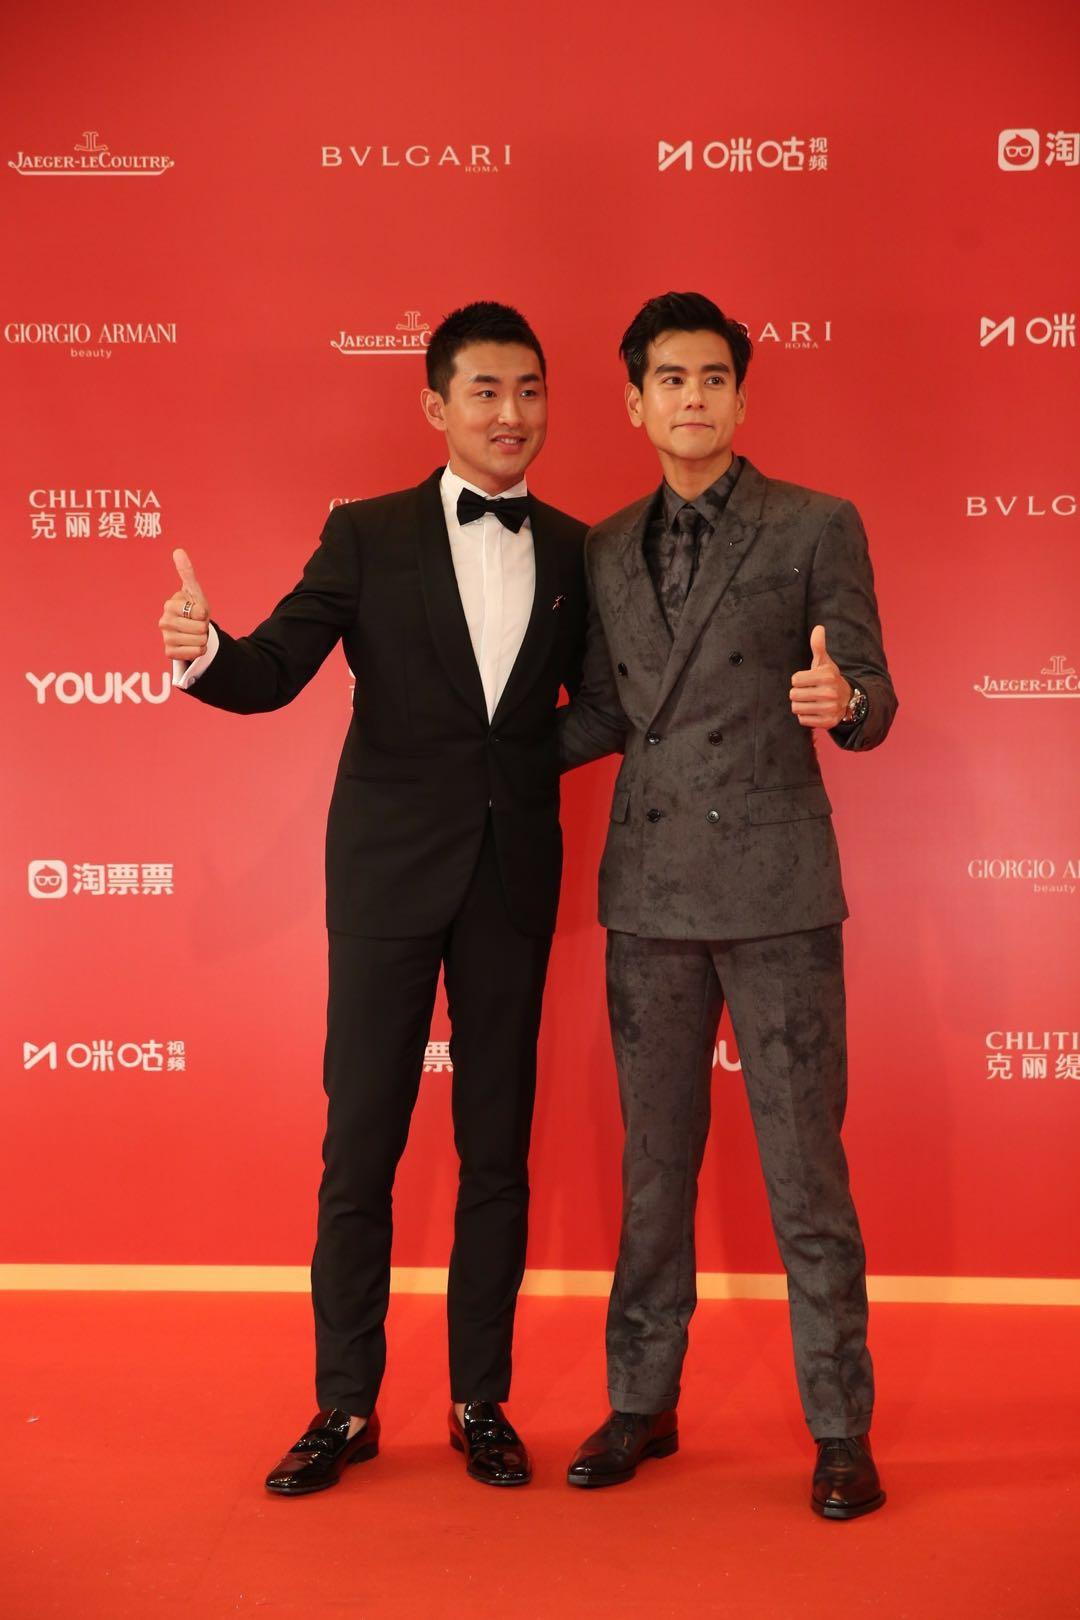 王彦霖出席上海电影节,一身西服尽显绅士儒雅!